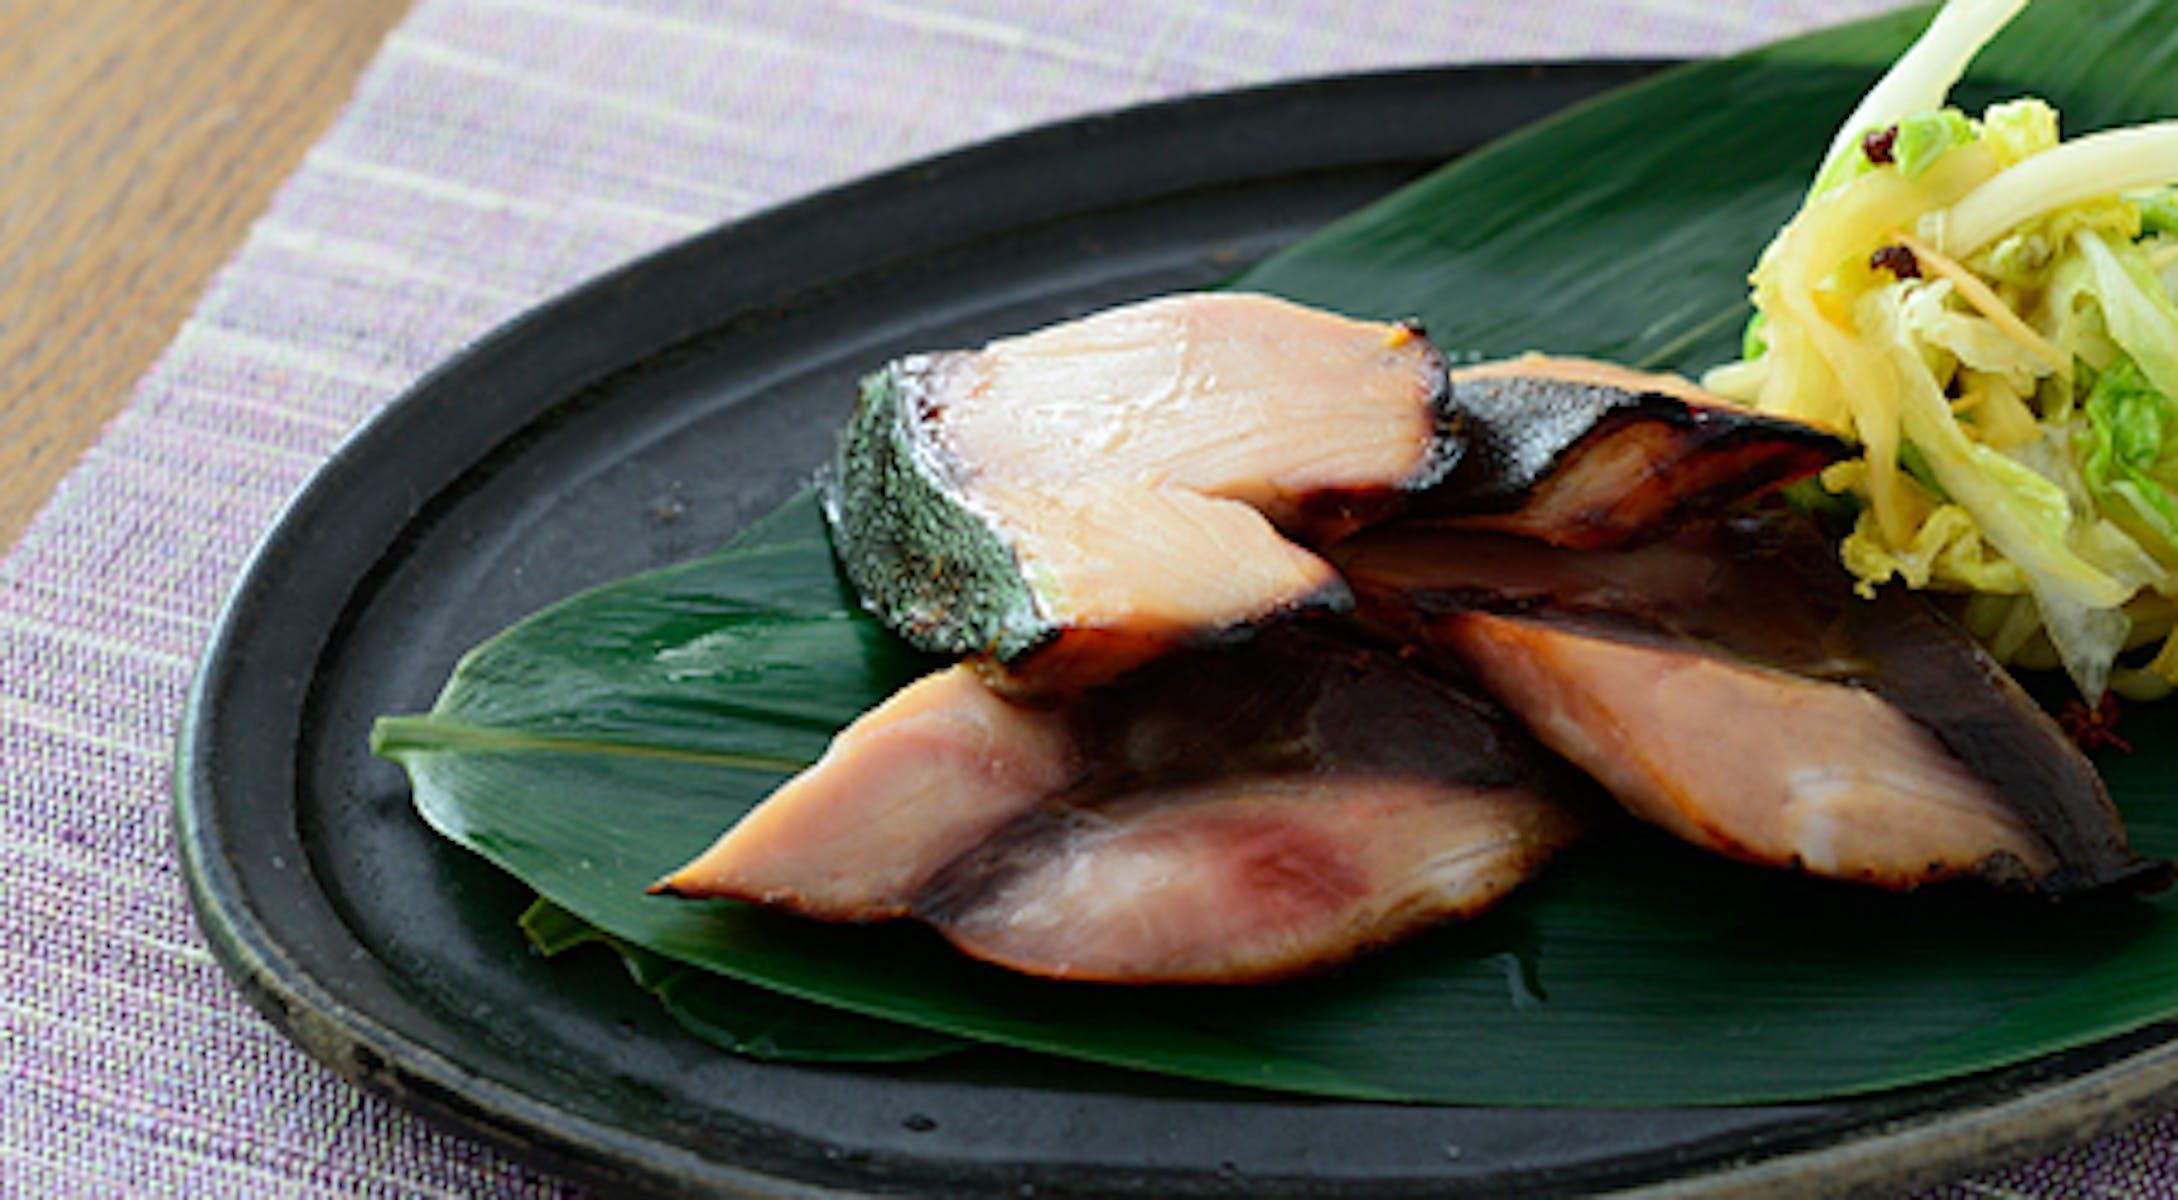 ぶりの糀みそ漬け焼き 白菜の香味漬け添え